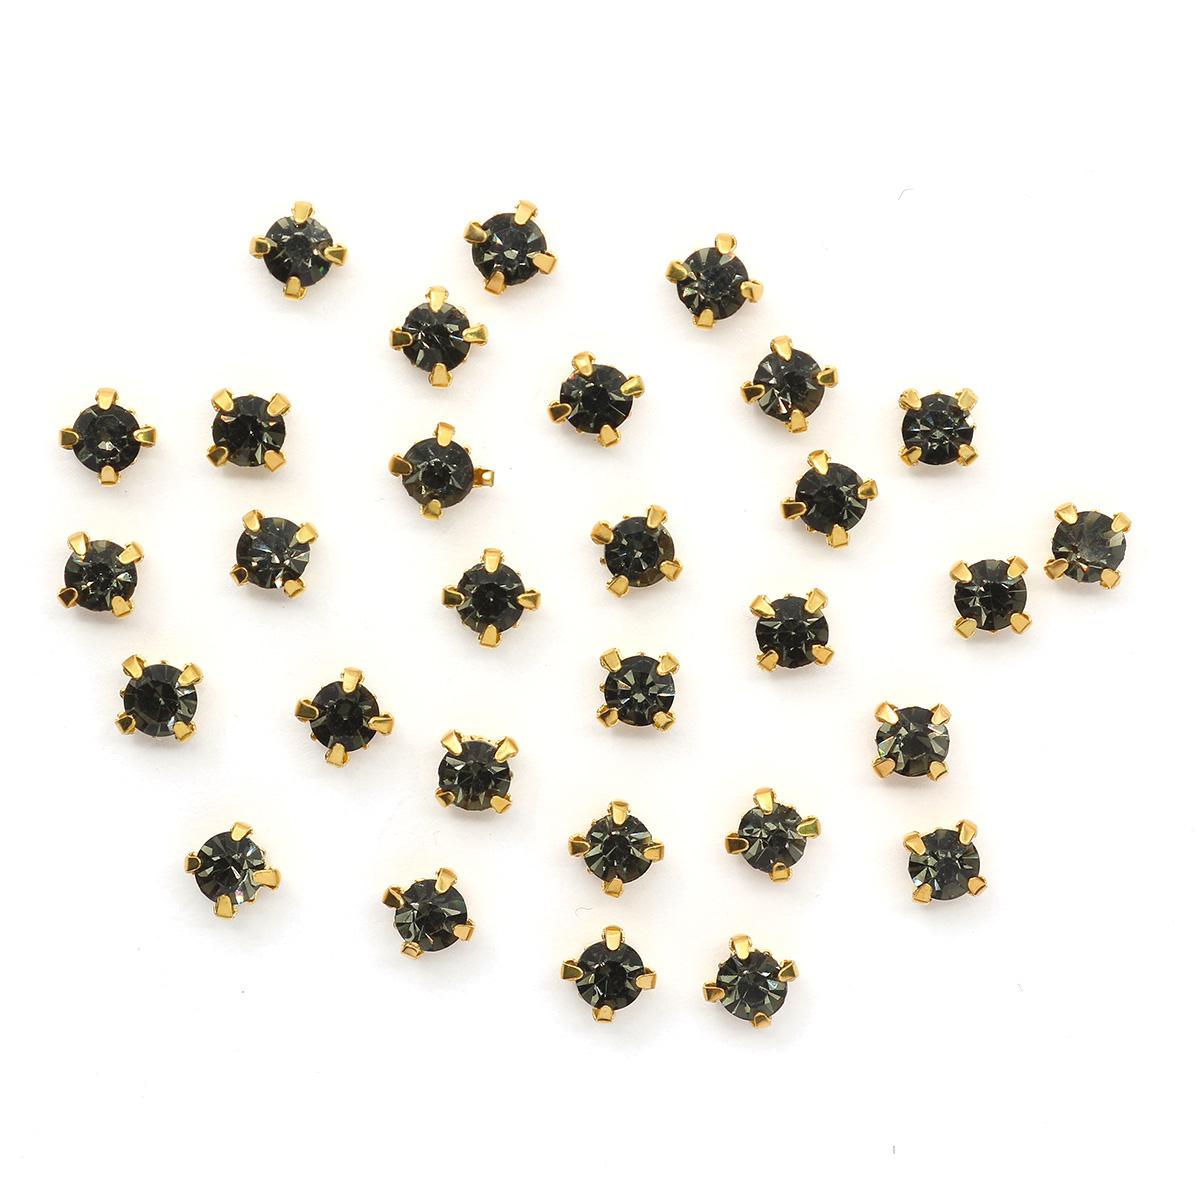 ЗЦ002НН44 Хрустальные стразы в металлических цапах (Золото) Сталь 4х4 мм 29-30 шт/упак.